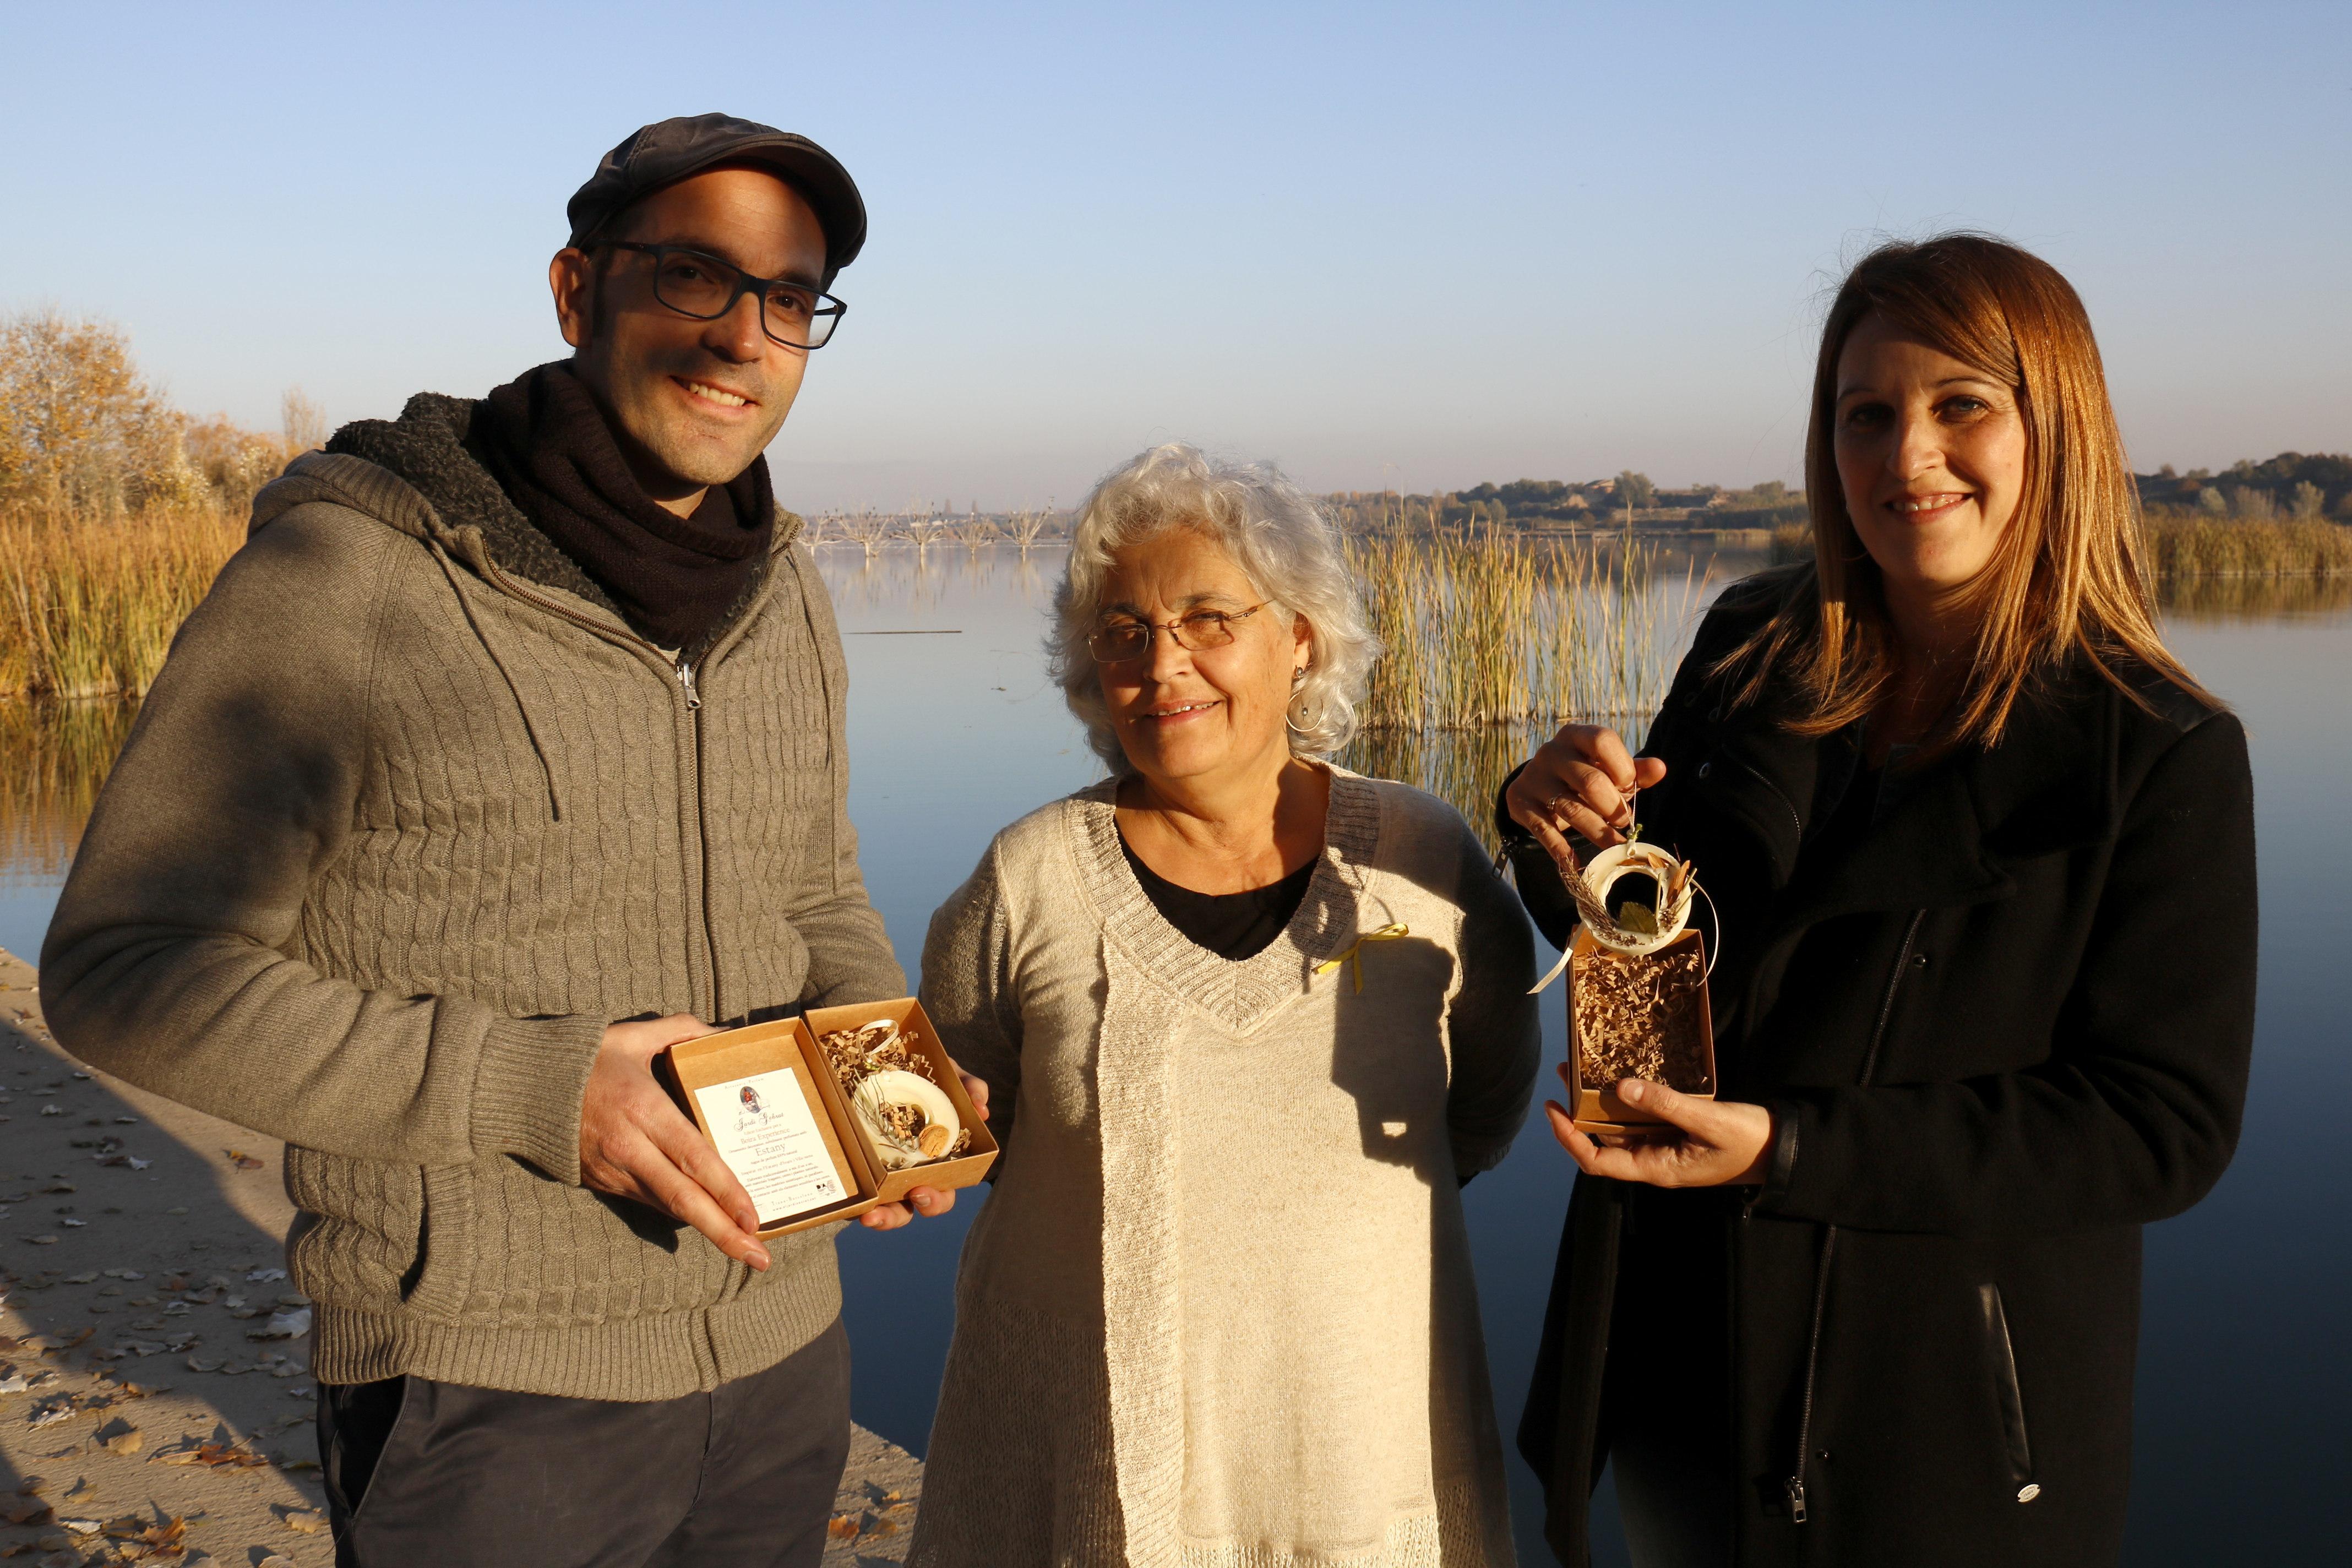 Creen un perfum decoratiu de boira inspirat en l'estany d'Ivars i Vila-sana